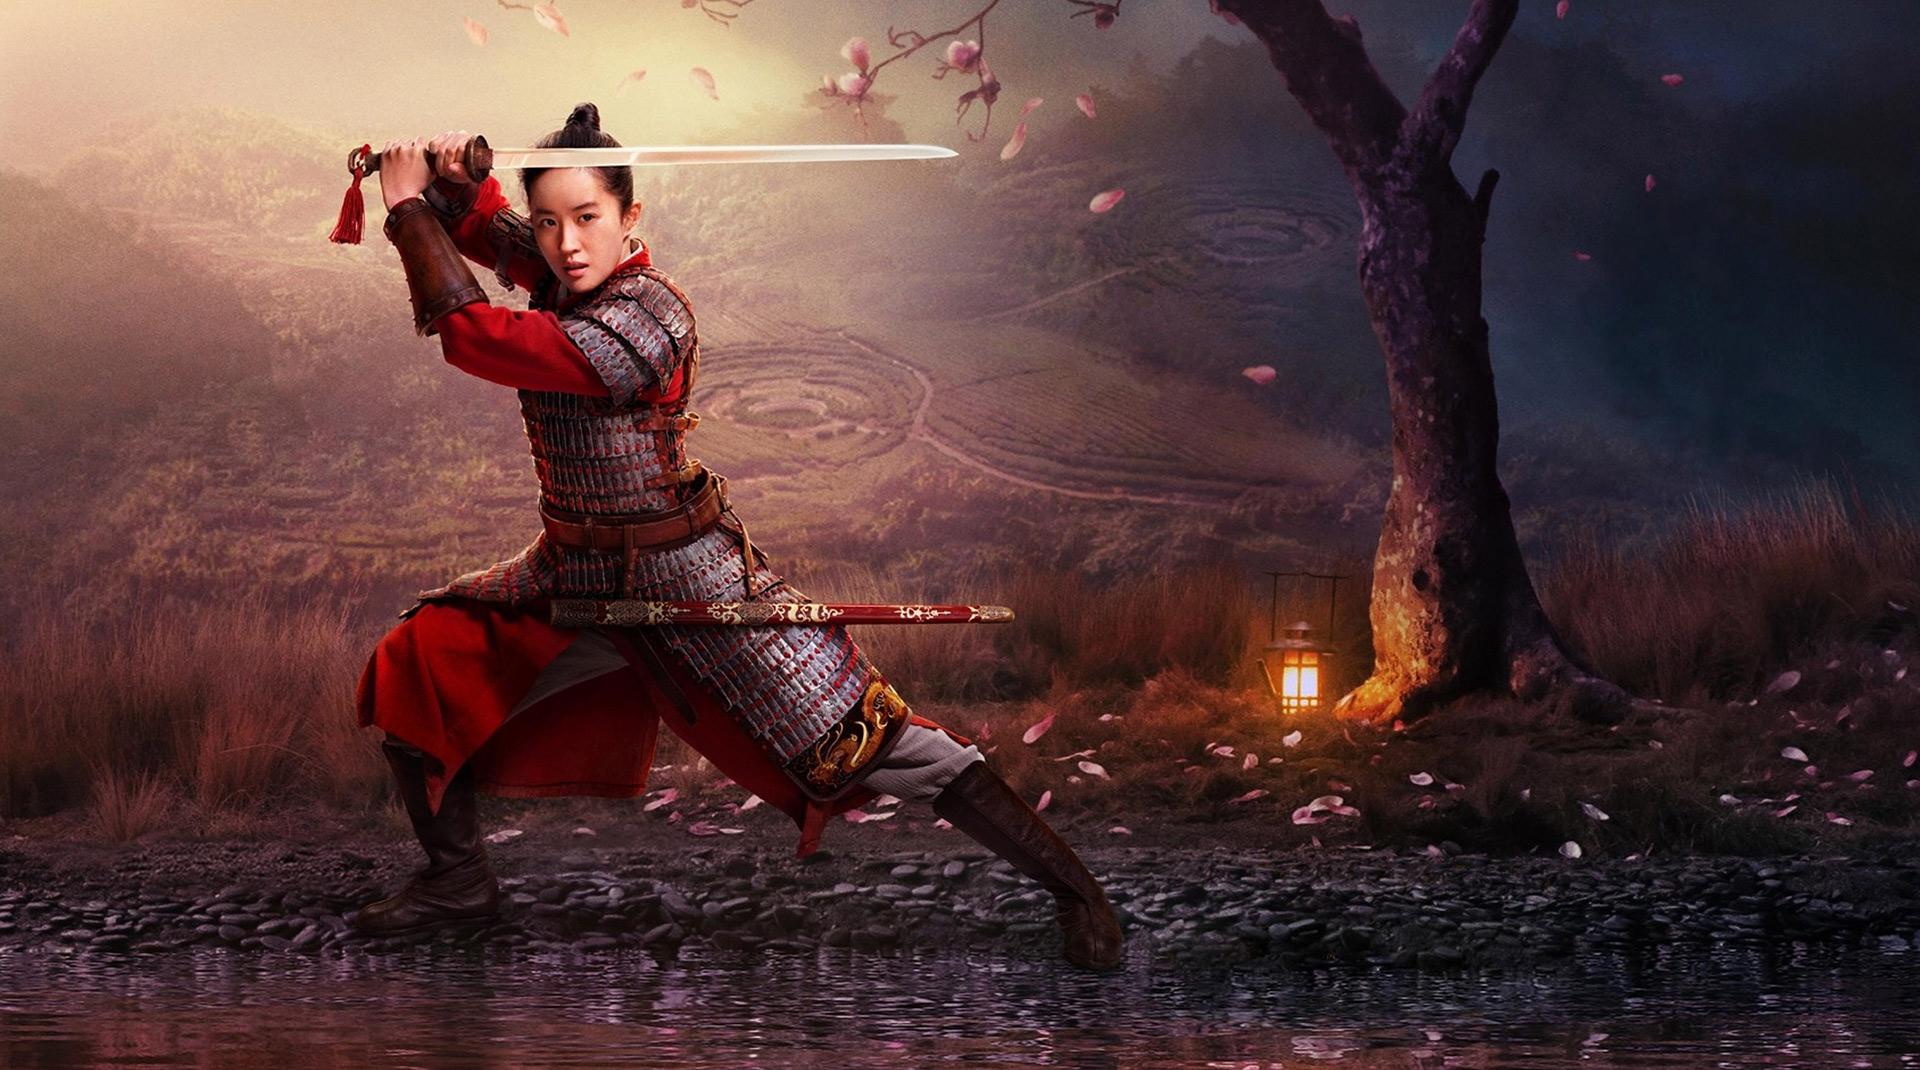 Mulan dépasse Tenet dans ses résultats financiers